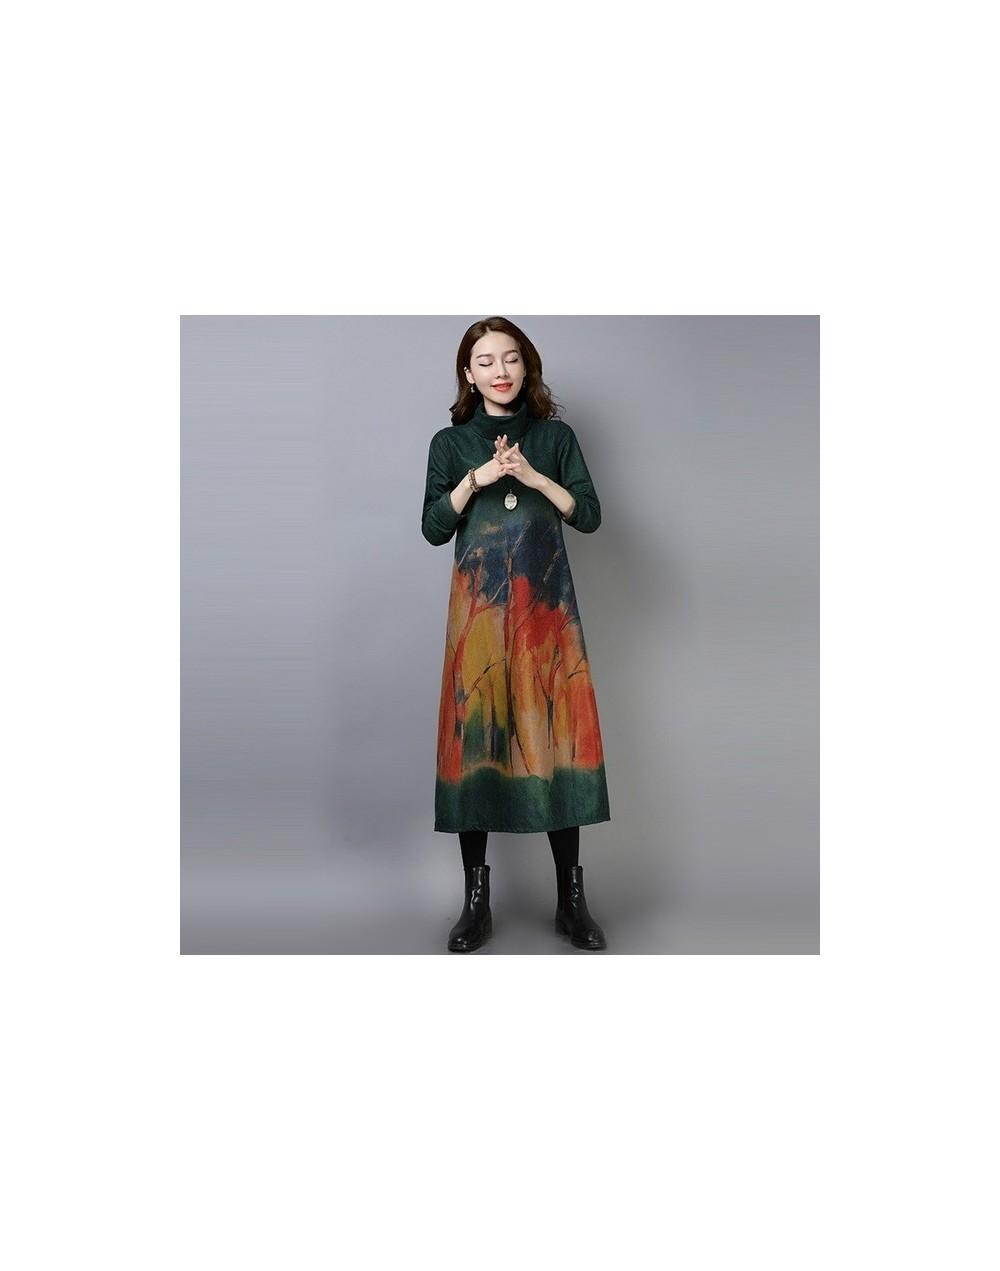 long sleeve woolen plus size vintage floral casual loose autumn winter party dress elegant women vestidos clothes 2019 dress...